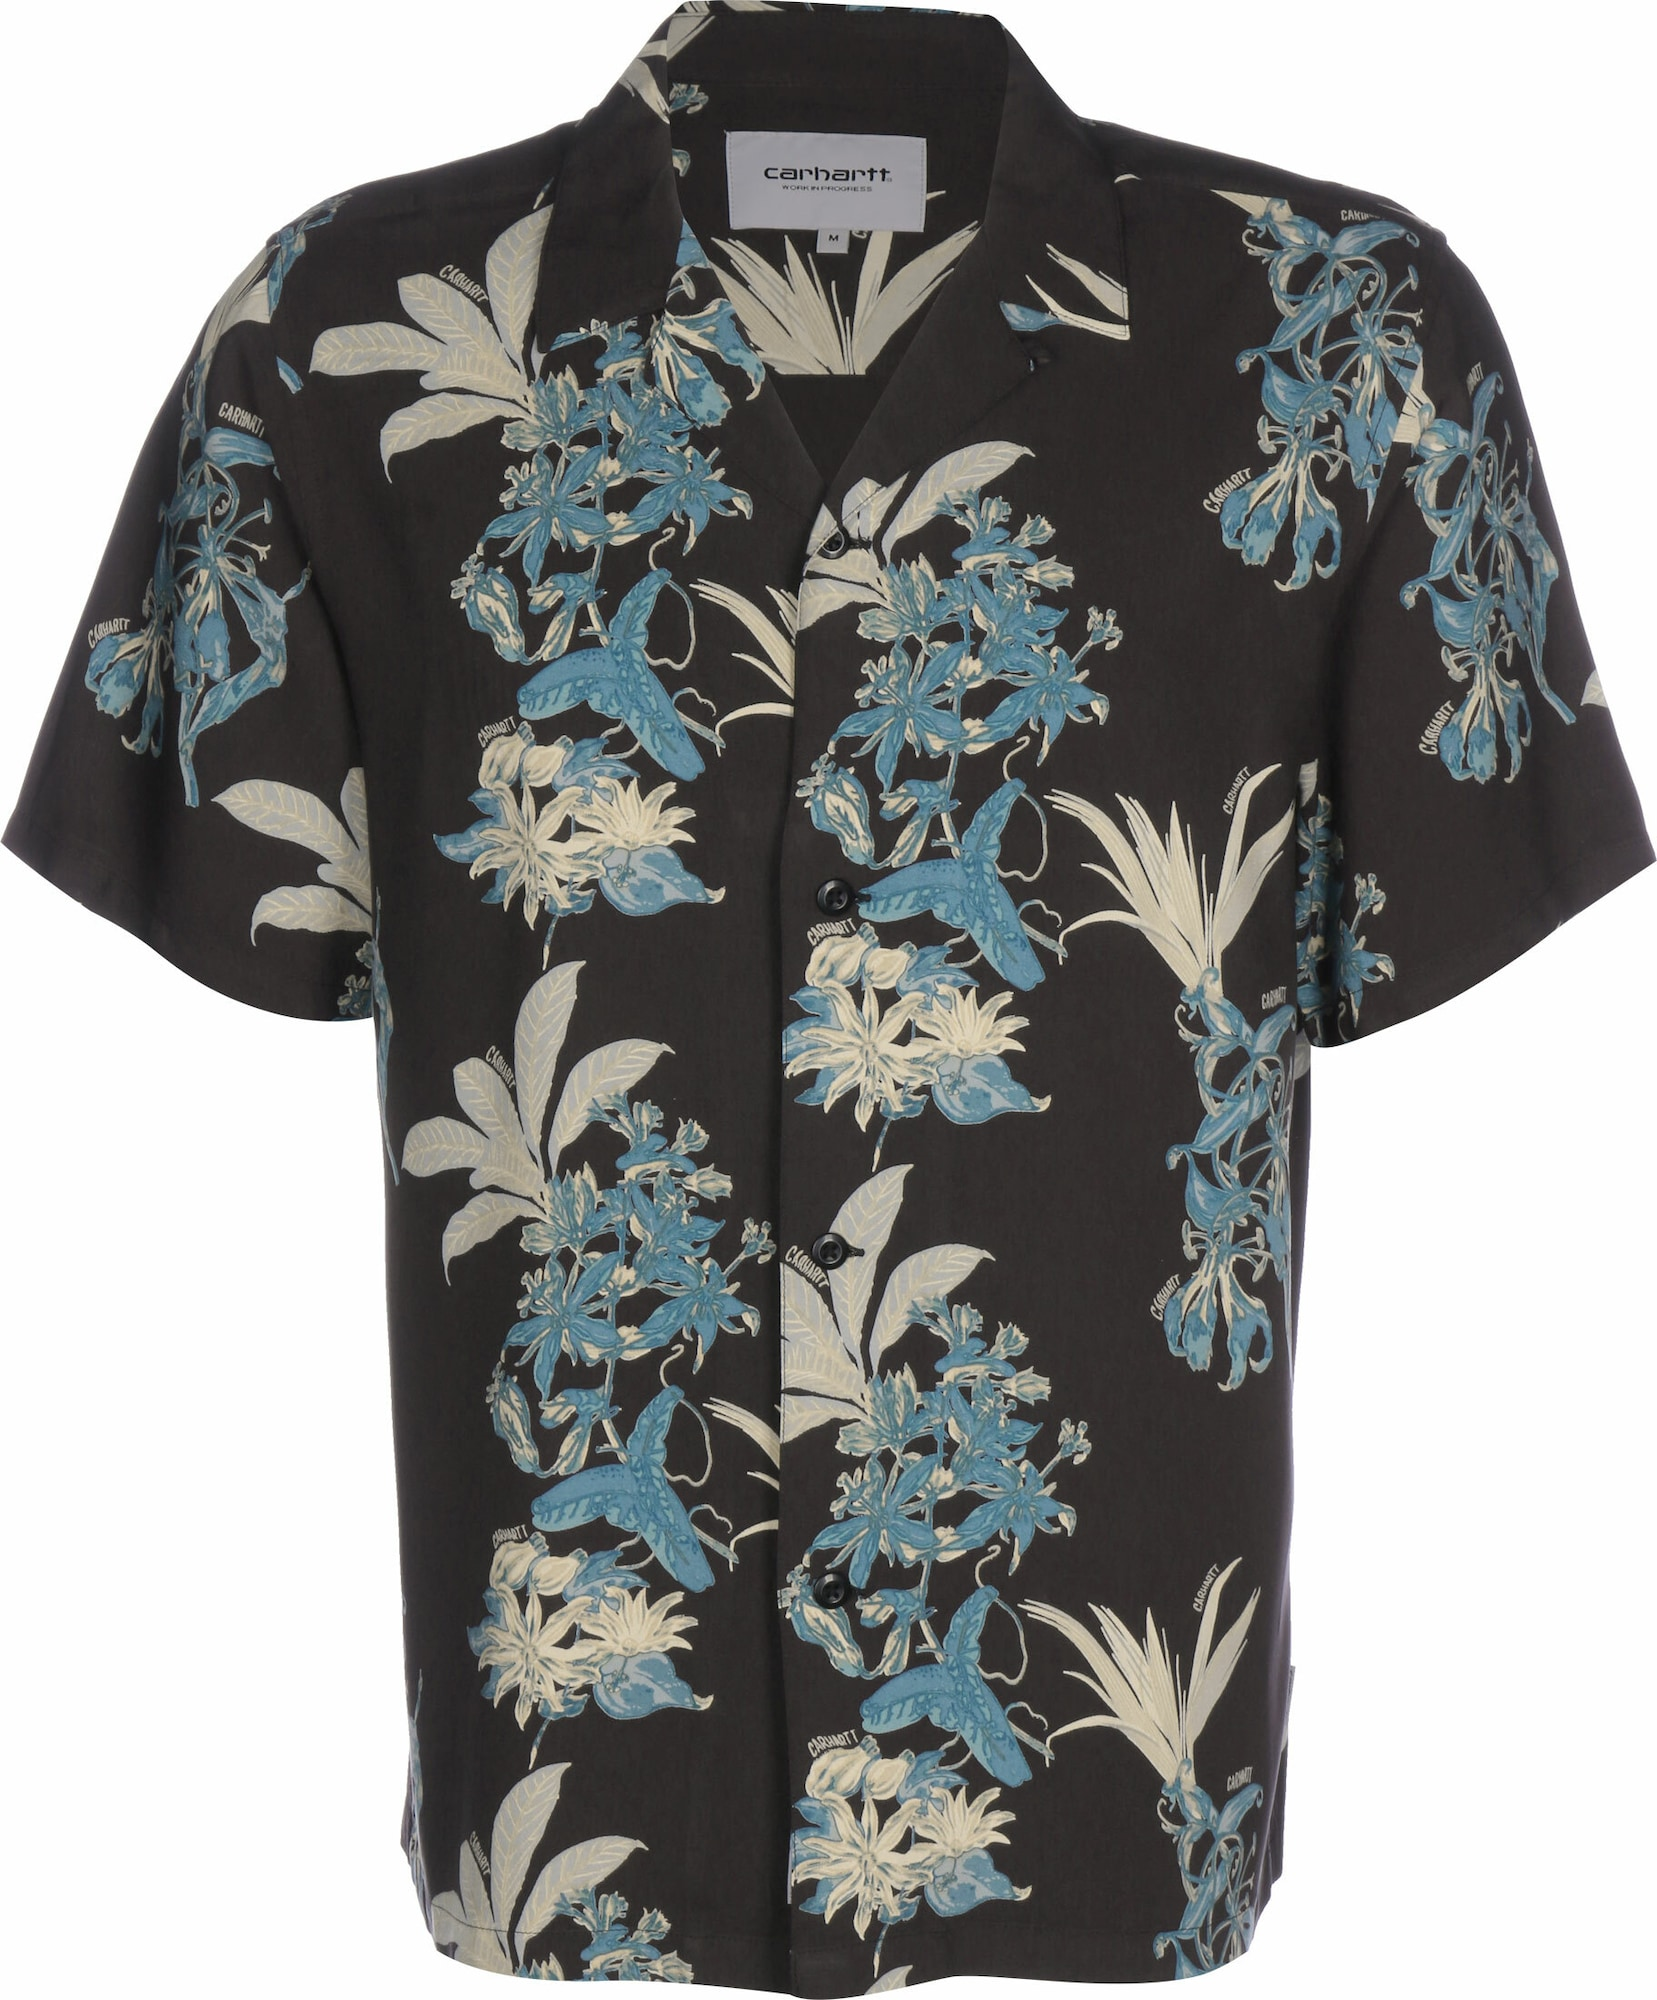 Carhartt WIP Dalykiniai marškiniai ' Hawaiian Floral ' mišrios spalvos